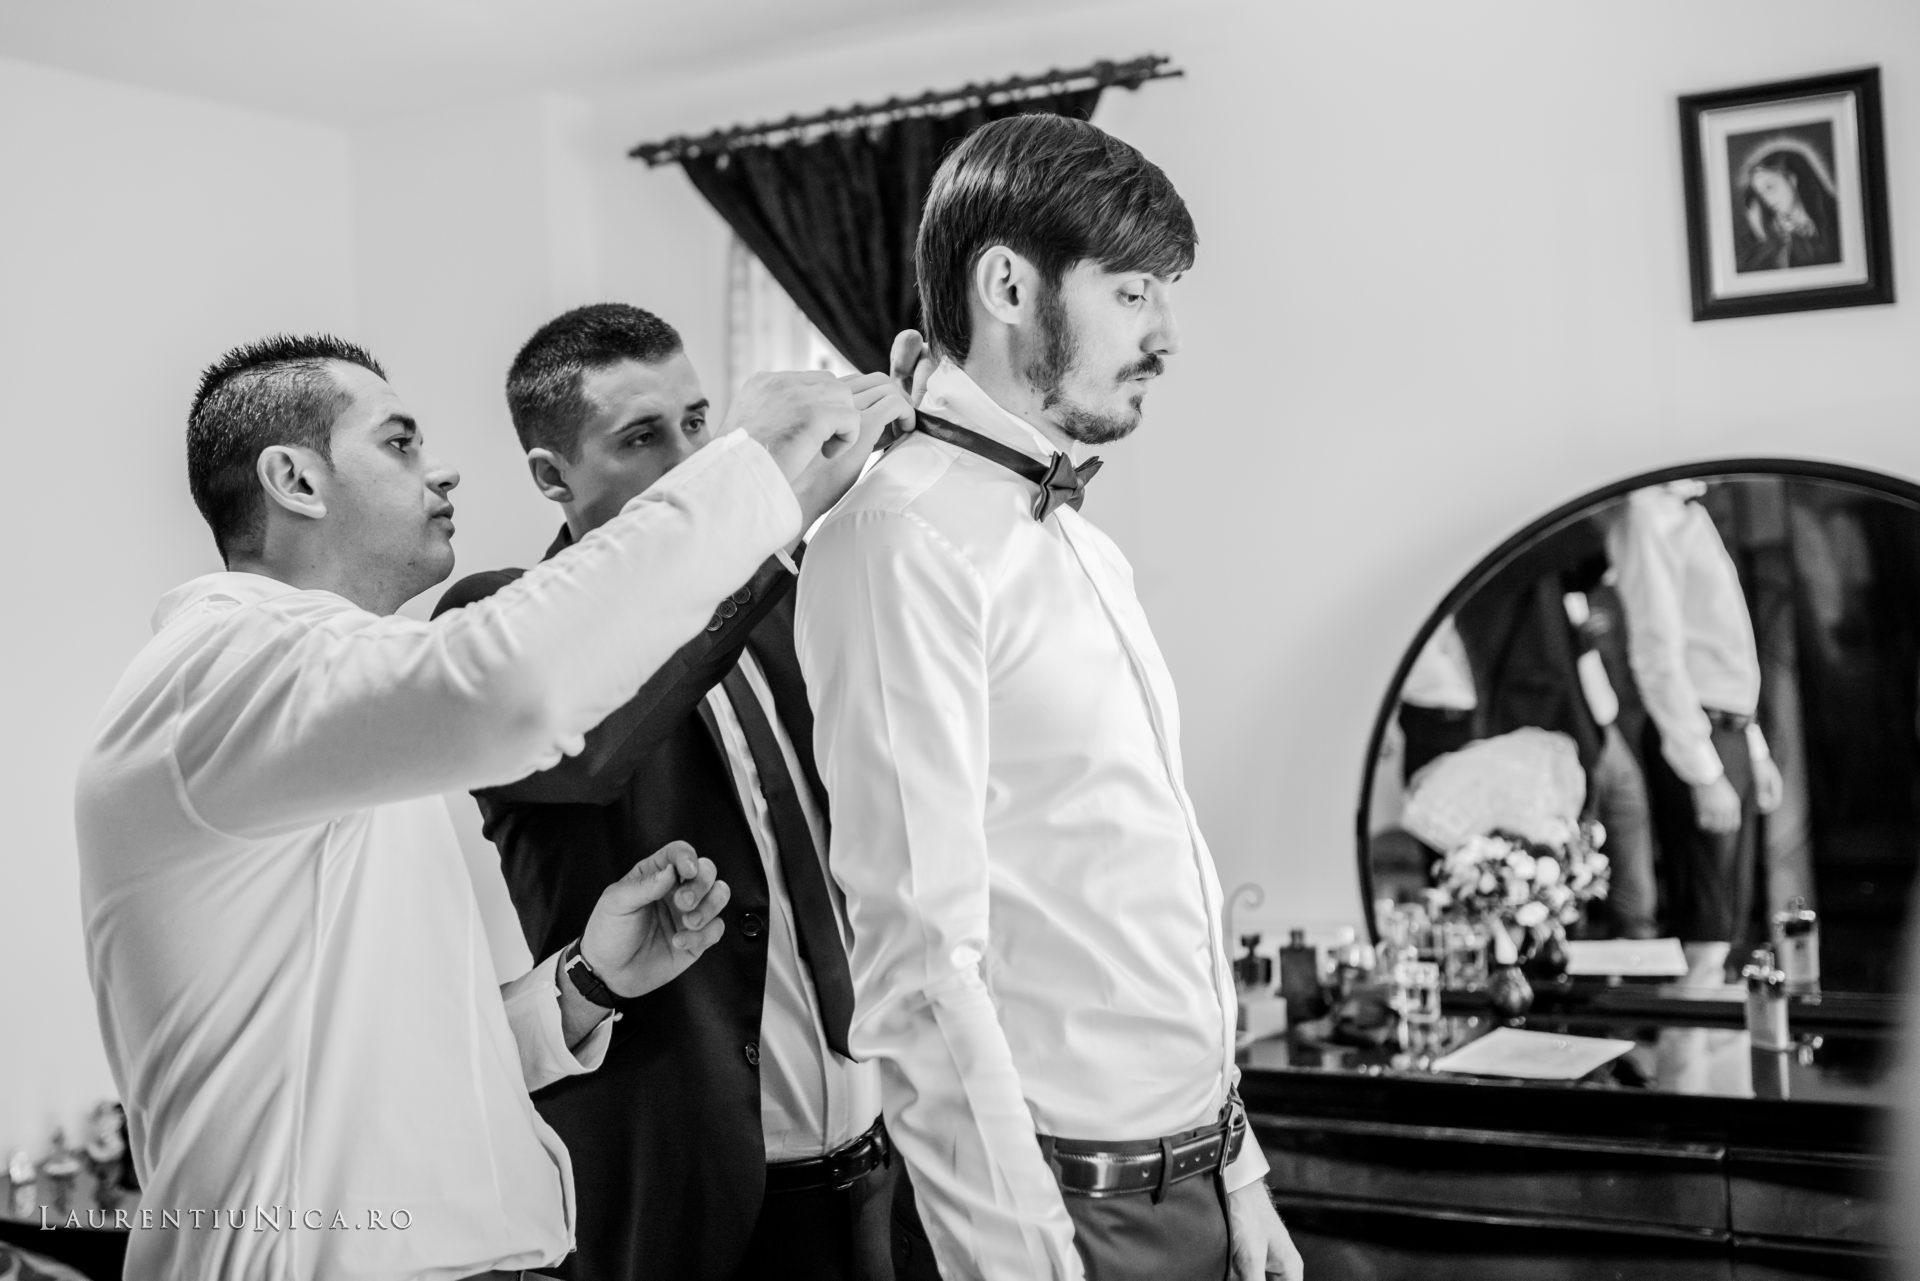 Cristina si Ovidiu nunta Craiova fotograf laurentiu nica 035 - Cristina & Ovidiu | Fotografii nunta | Craiova